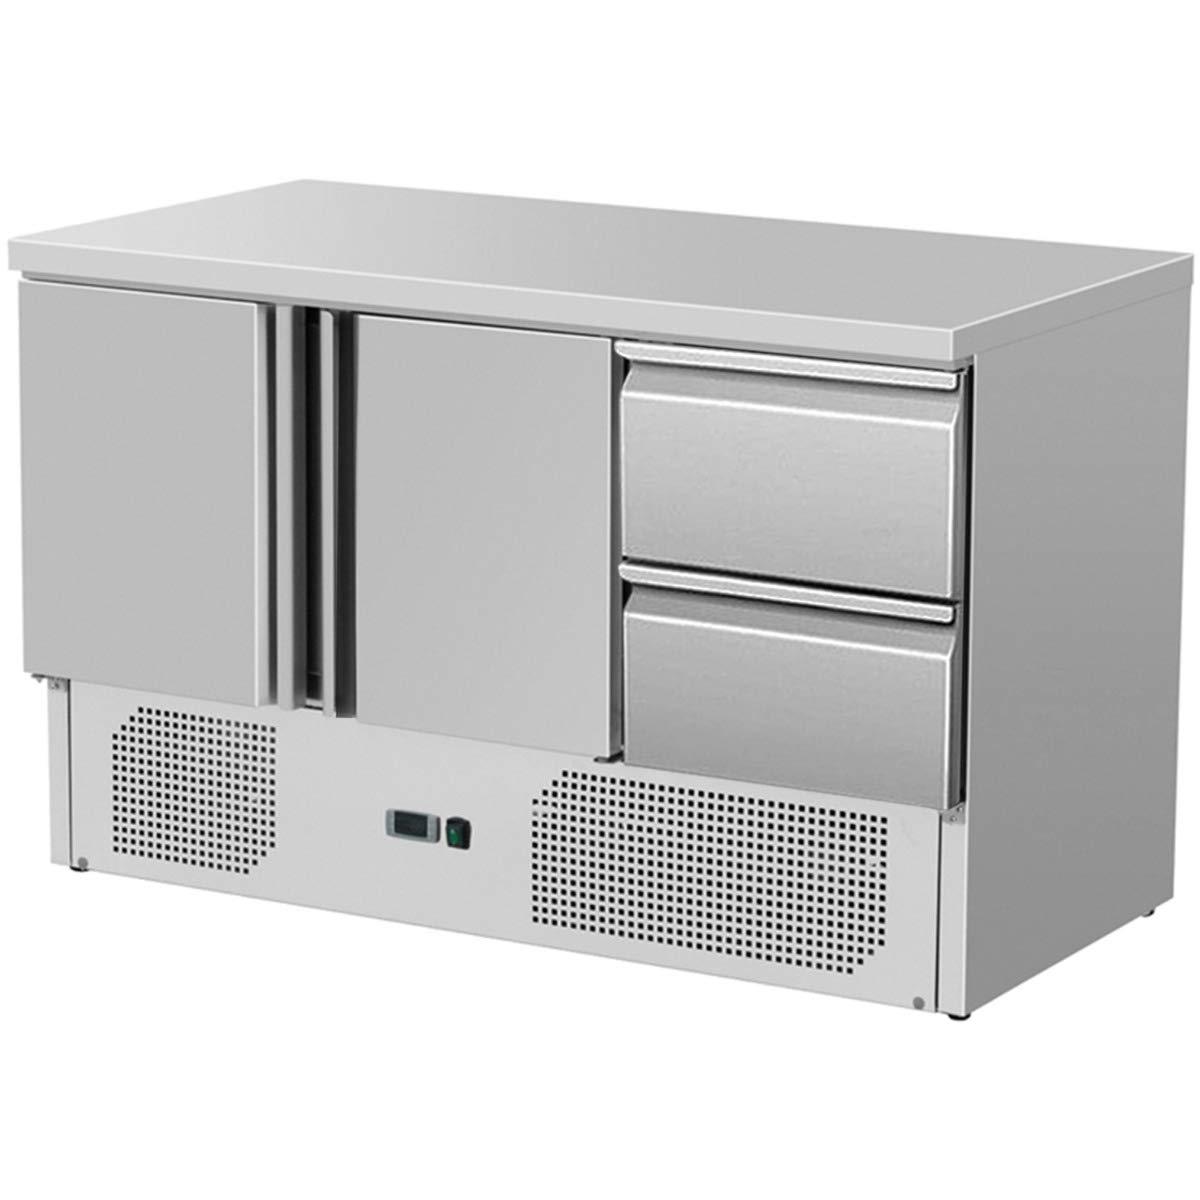 ZORRO - Kü hltisch ZS 903 2D - 2 Tü ren - 2 Schubladen - Gastro Saladette mit Arbeitsflä che - R600A - Digitales Thermostat